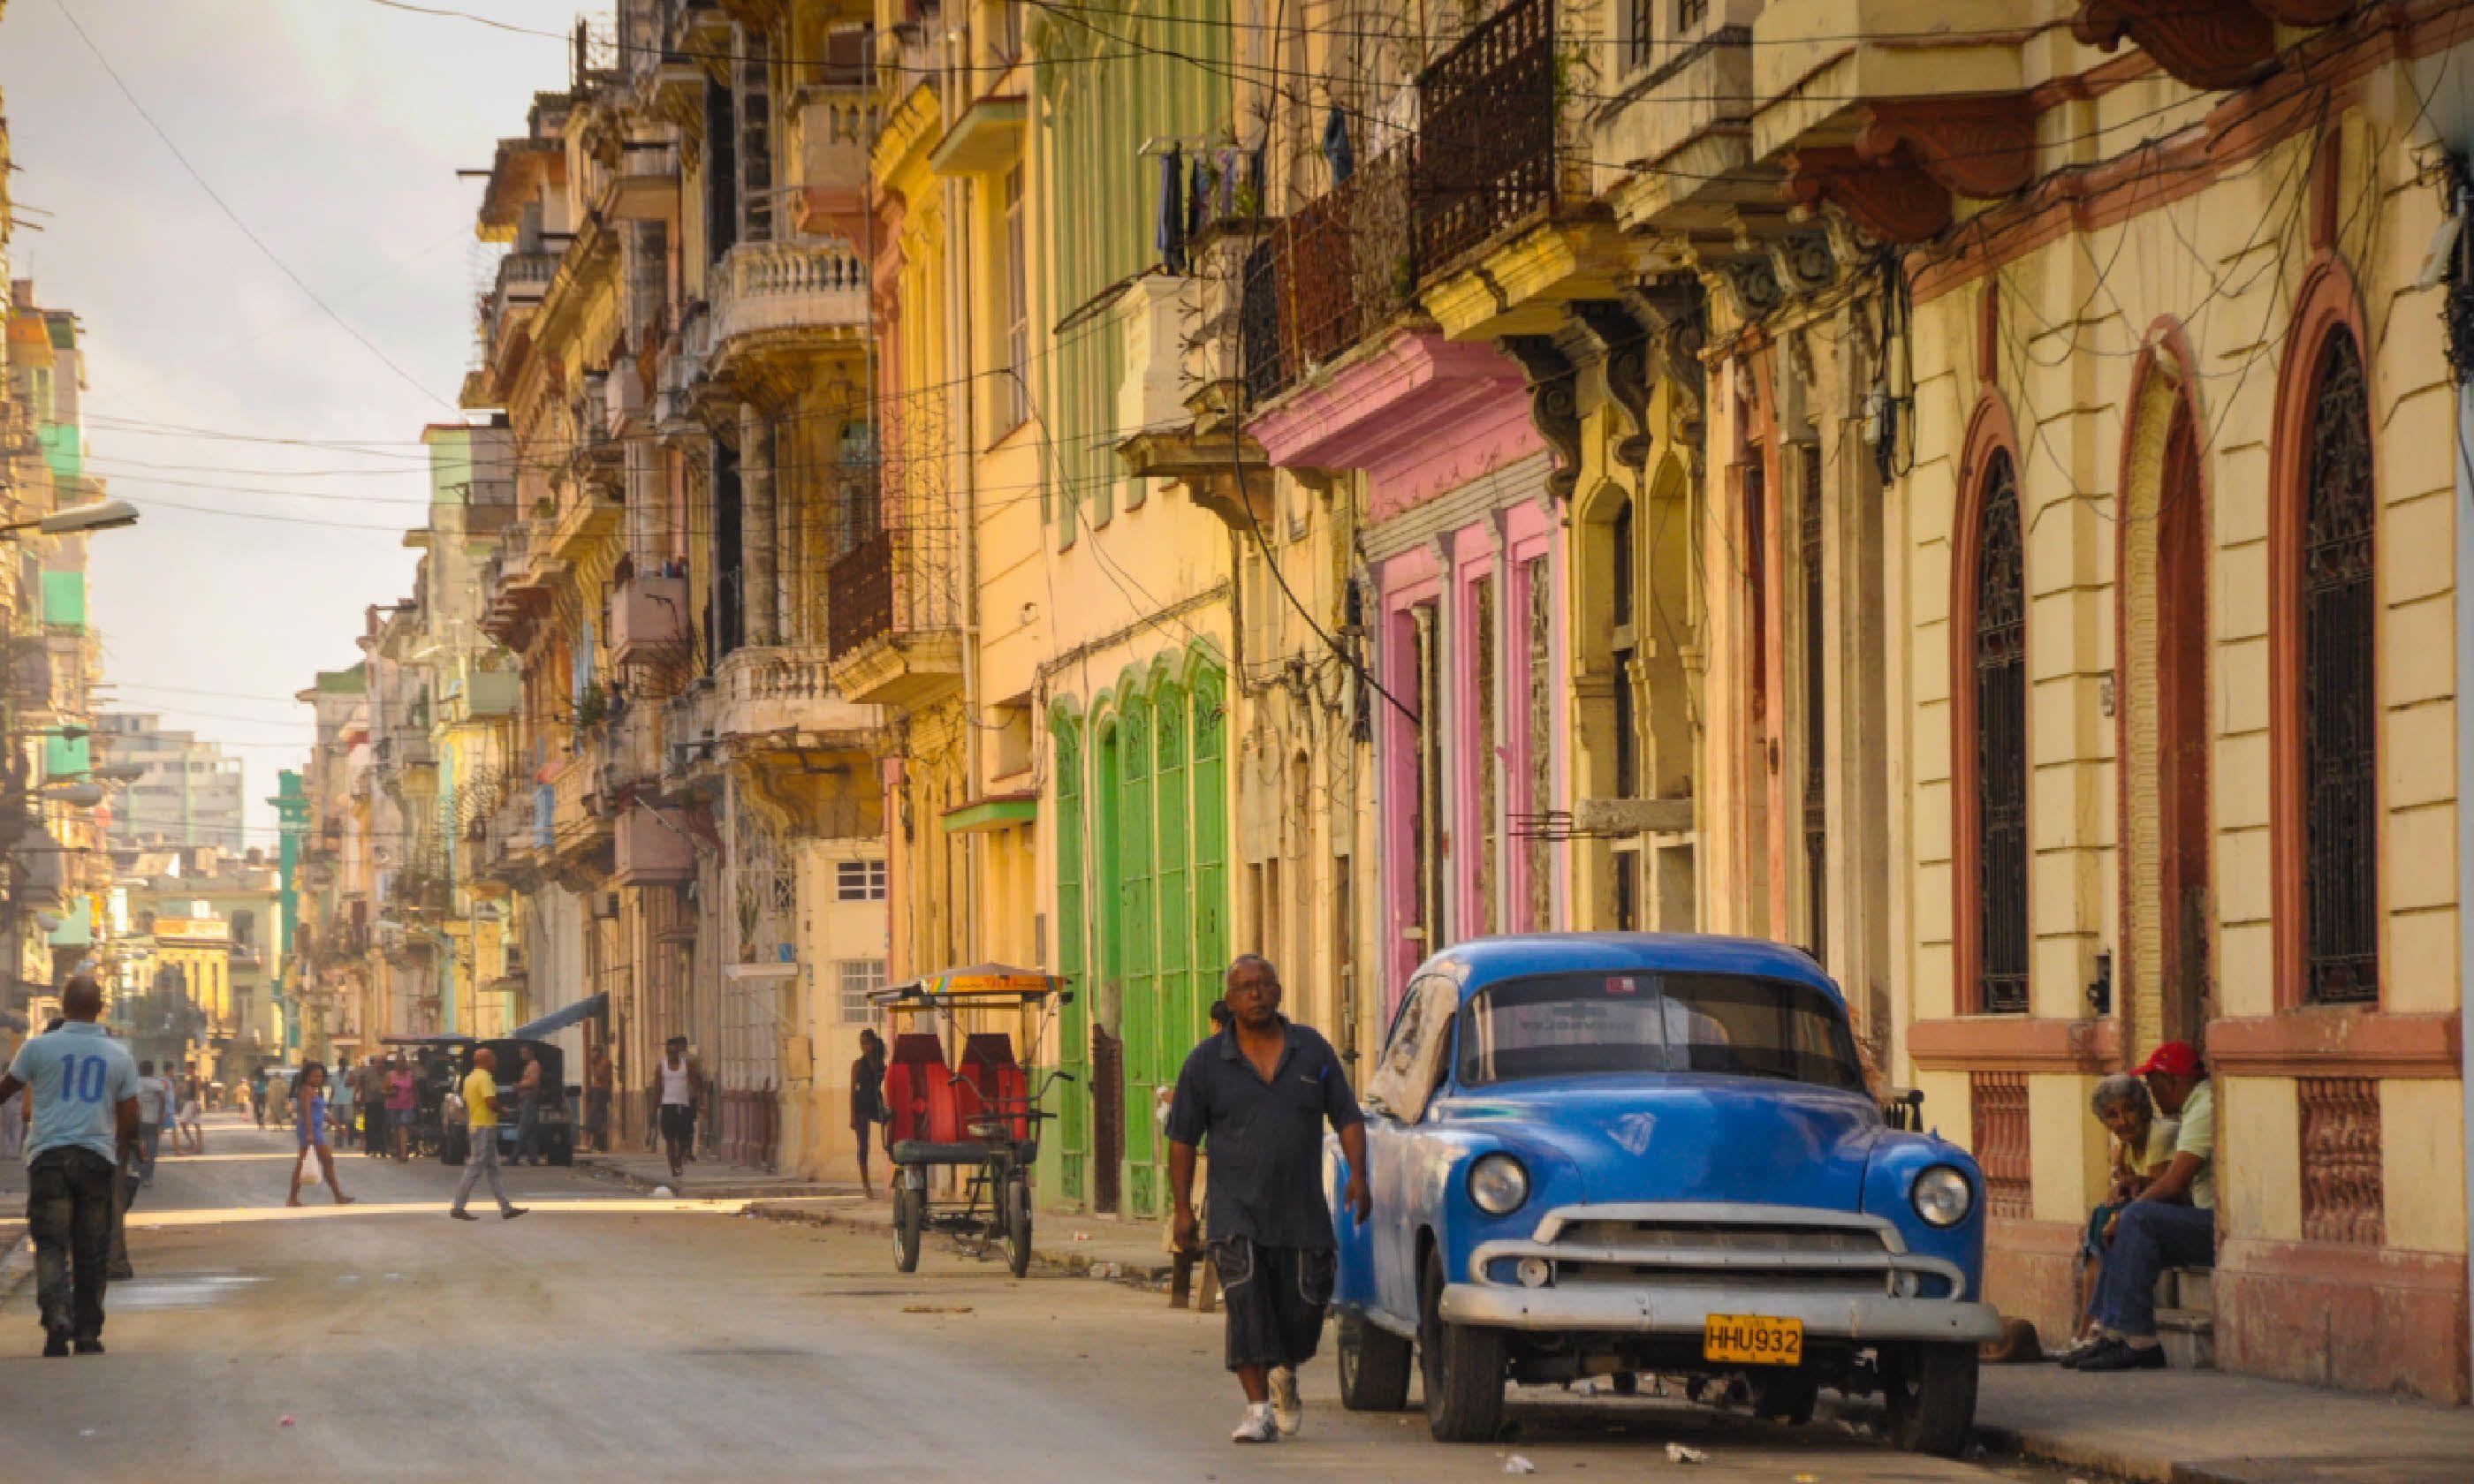 Havana, Cuba (Shutterstock)